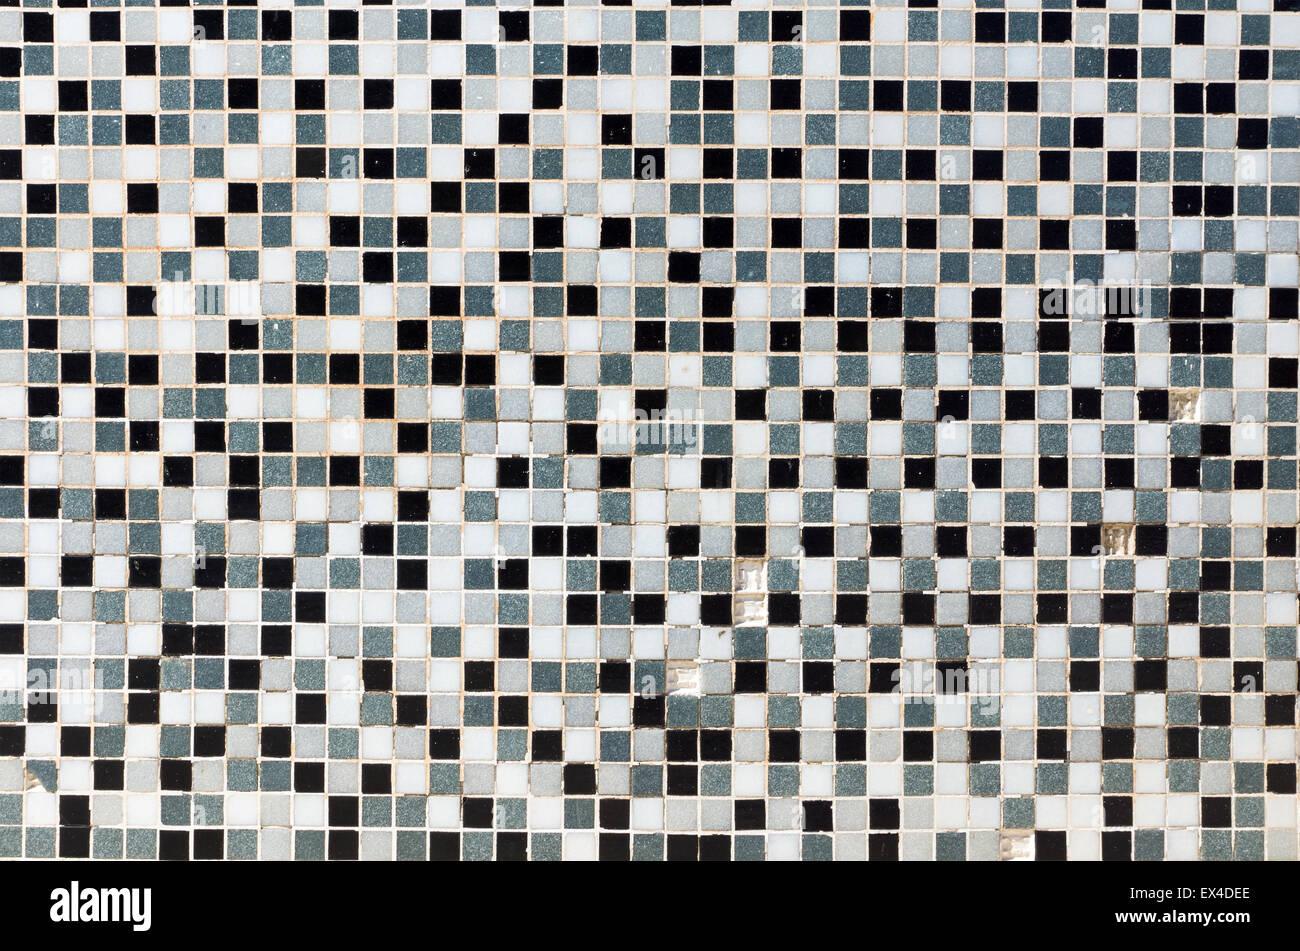 Bianco grigio e nero e piastrelle a mosaico in un bagno foto